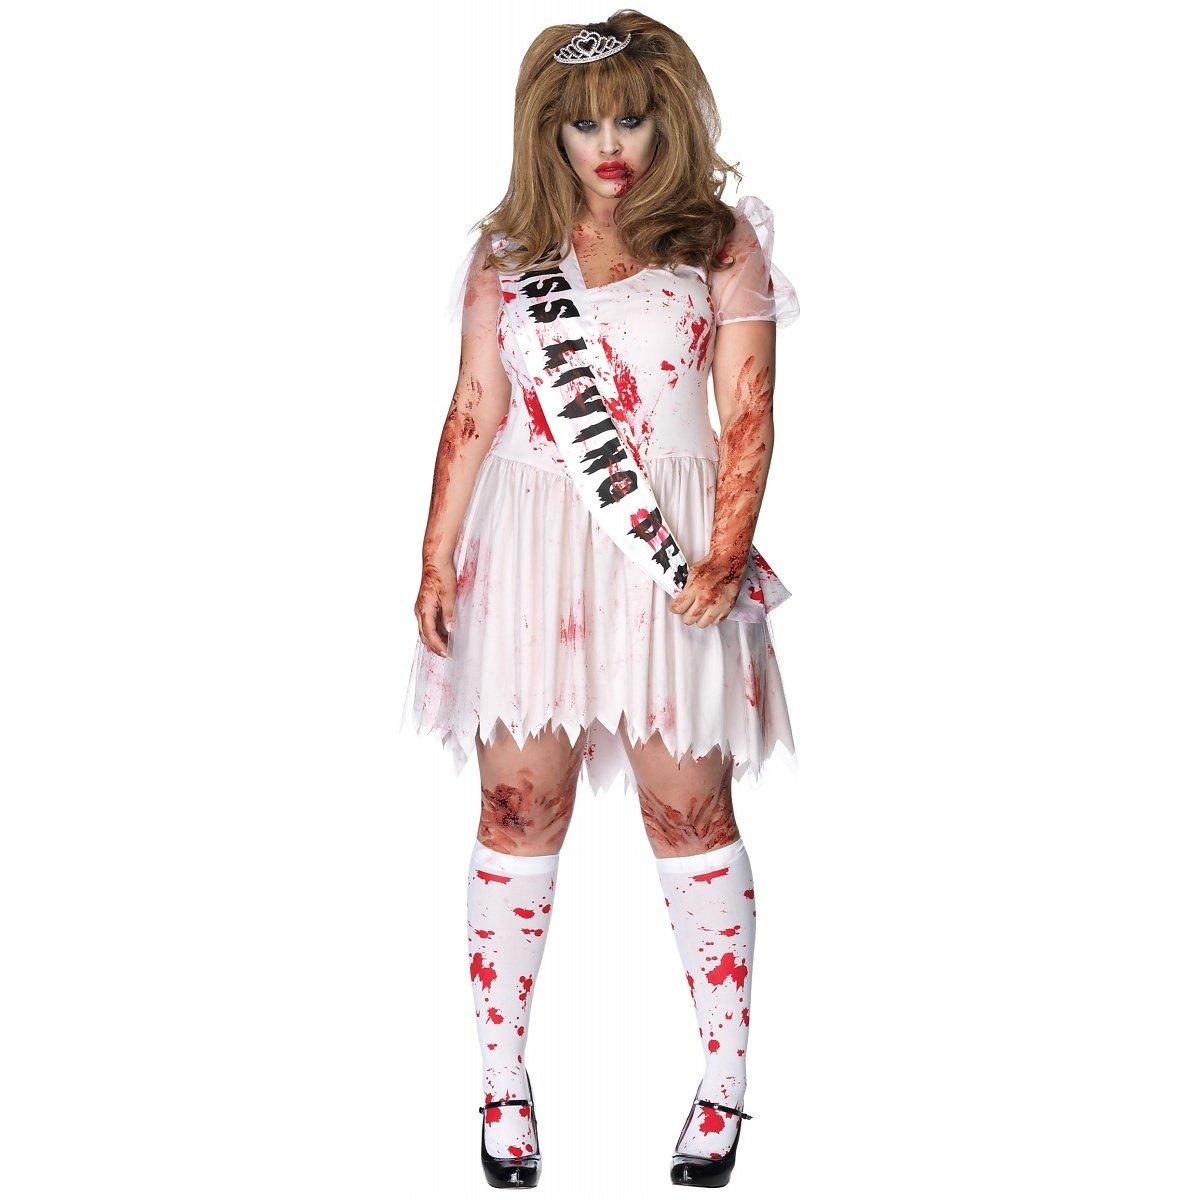 Putrid Prom Queen Adult Costume , Plus Size 1X/2X